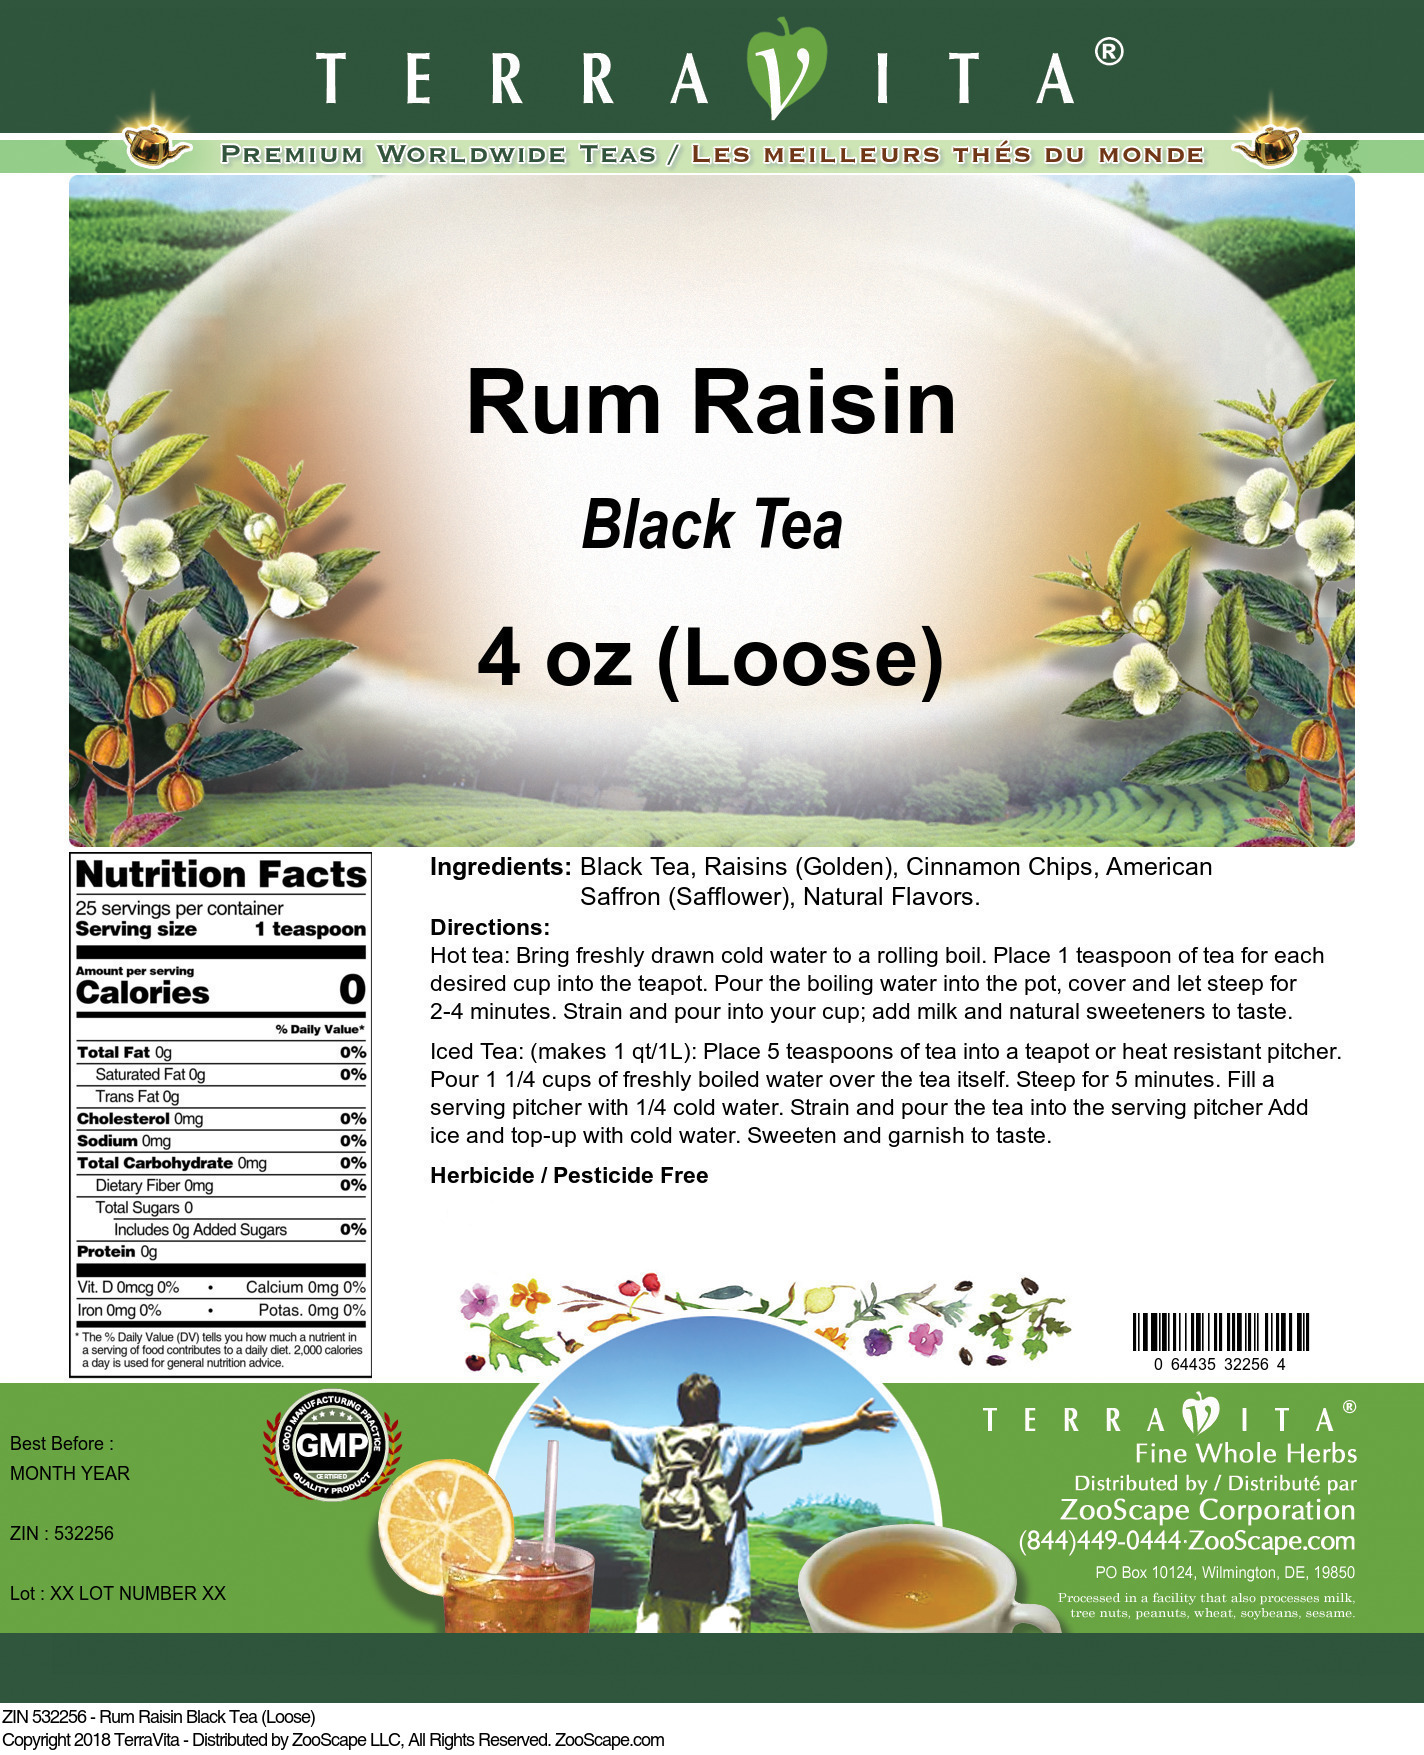 Rum Raisin Black Tea